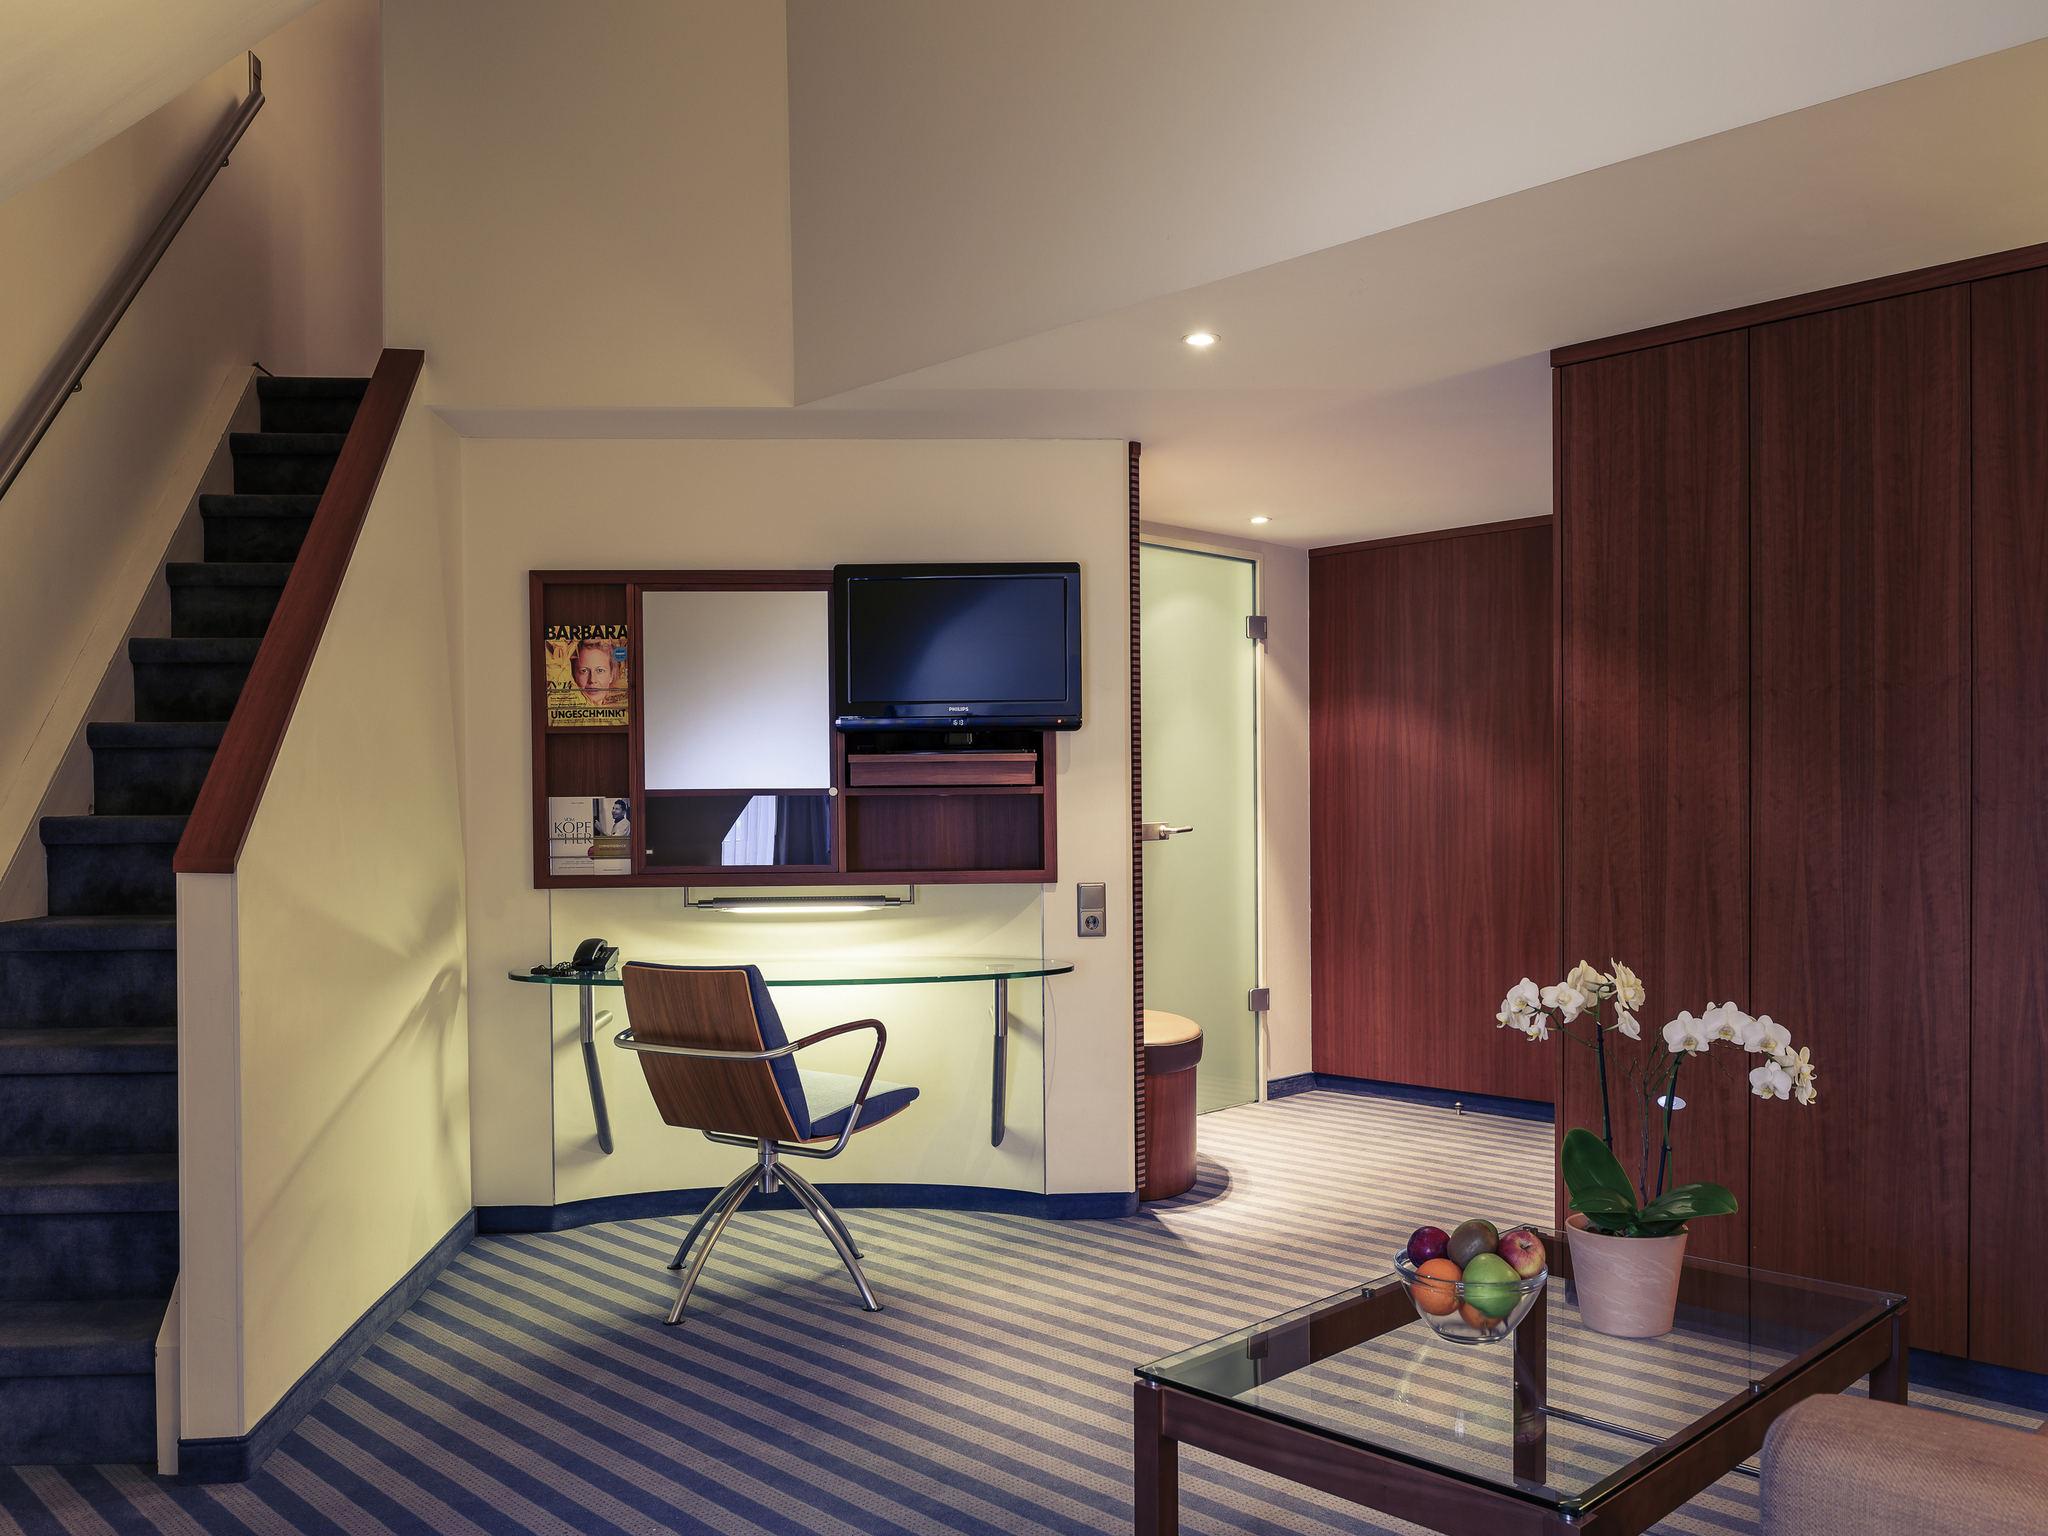 Landen und einchecken: im Mercure Hotel in Freising